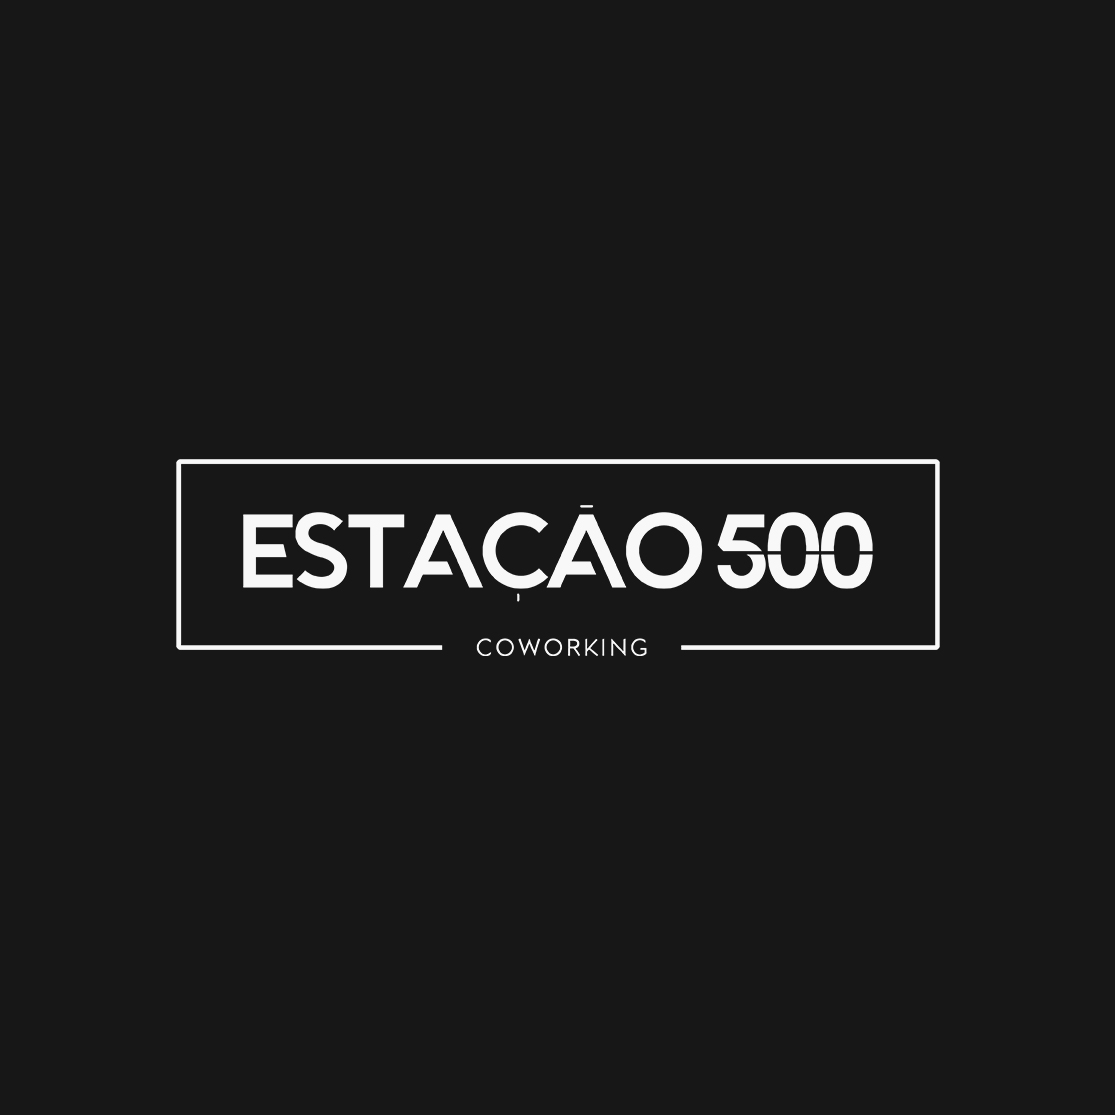 500 - Plataforma virtual